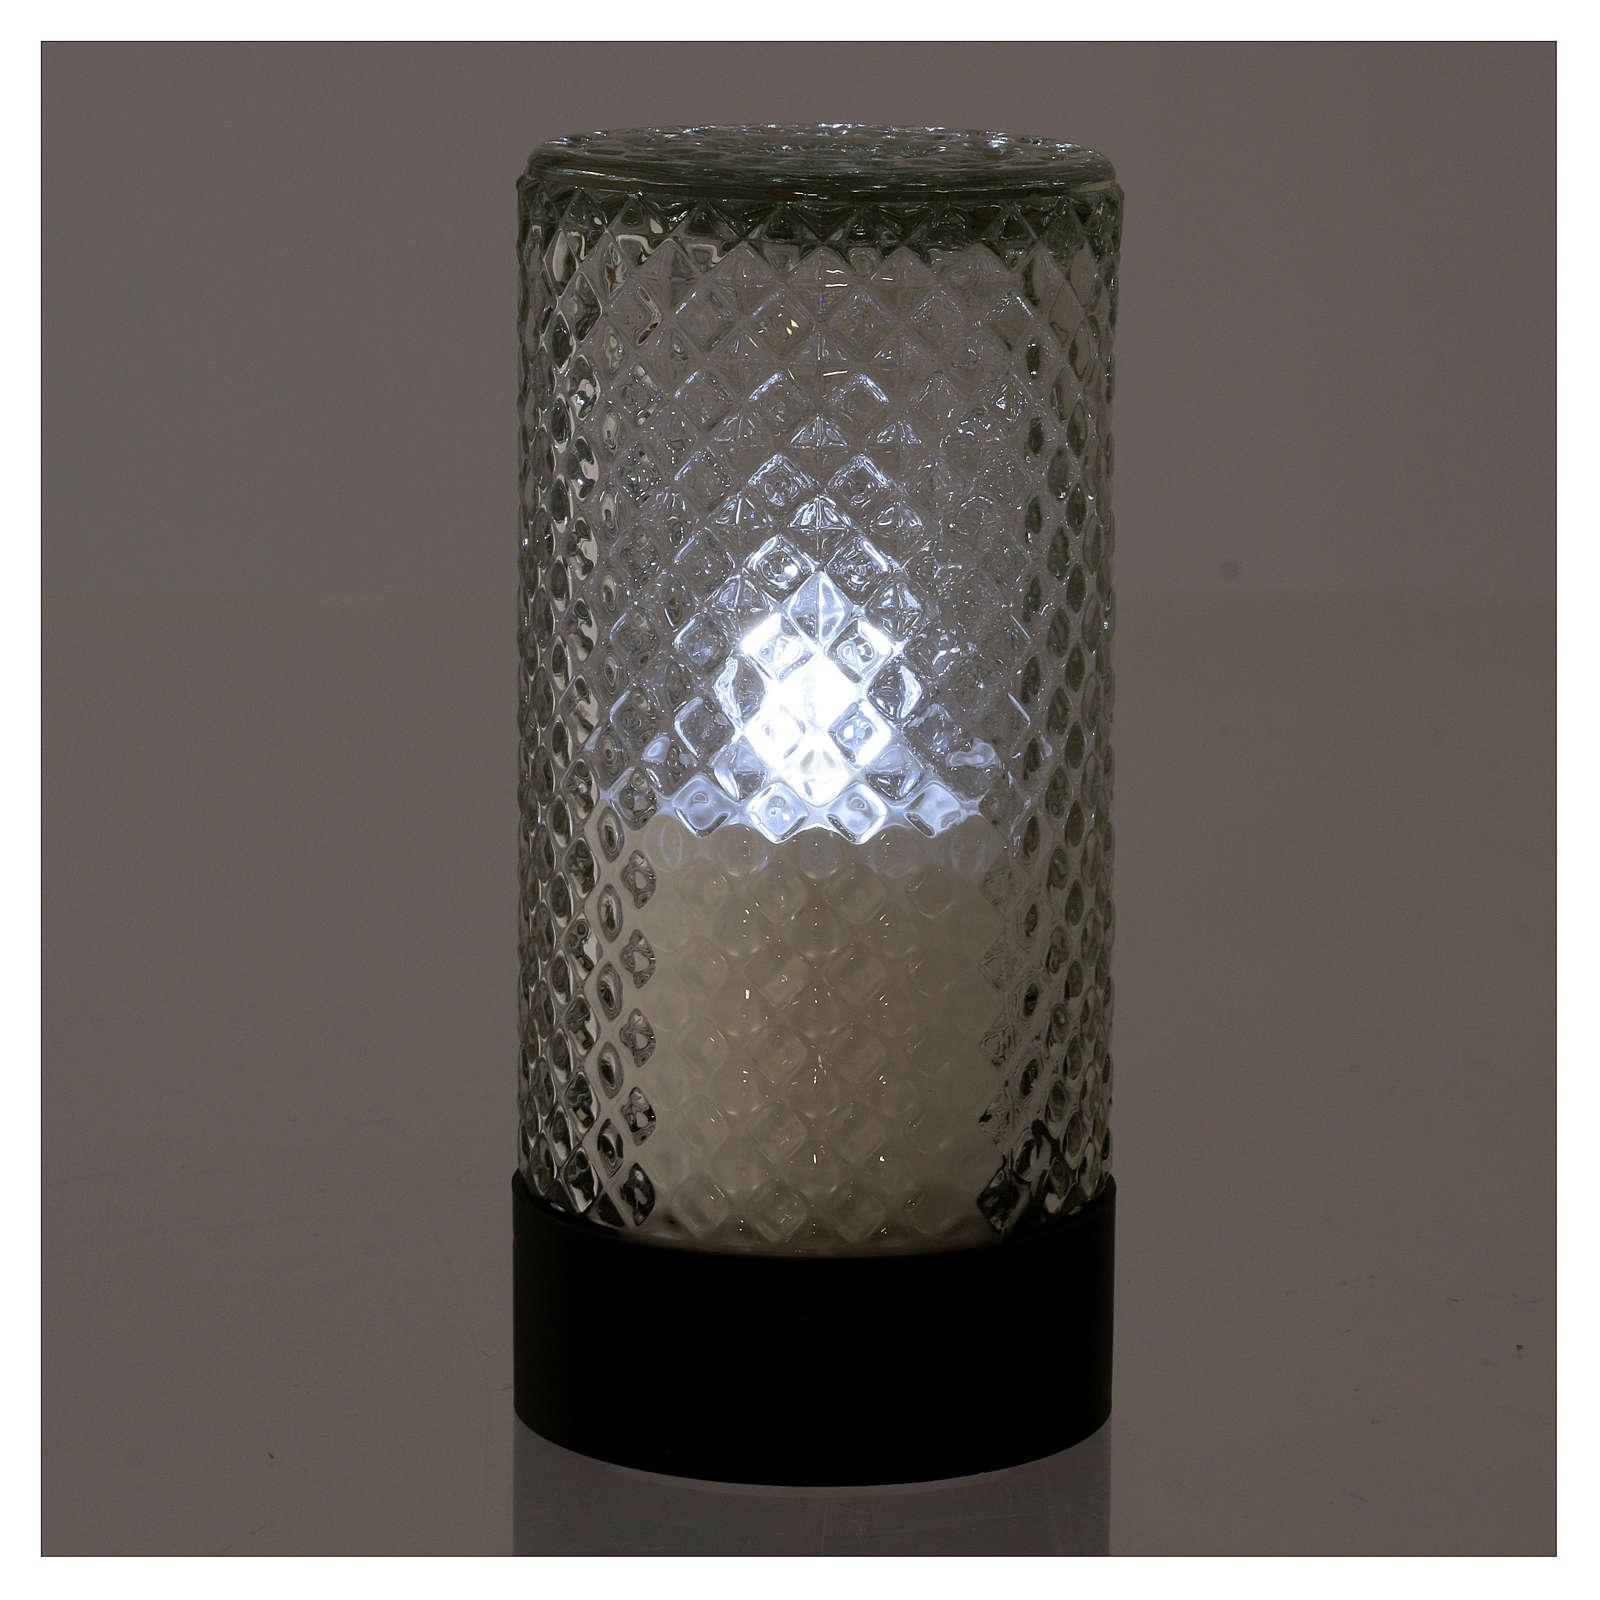 Vela Votiva Lumada Base Preta Luz Branca efeito chama 3